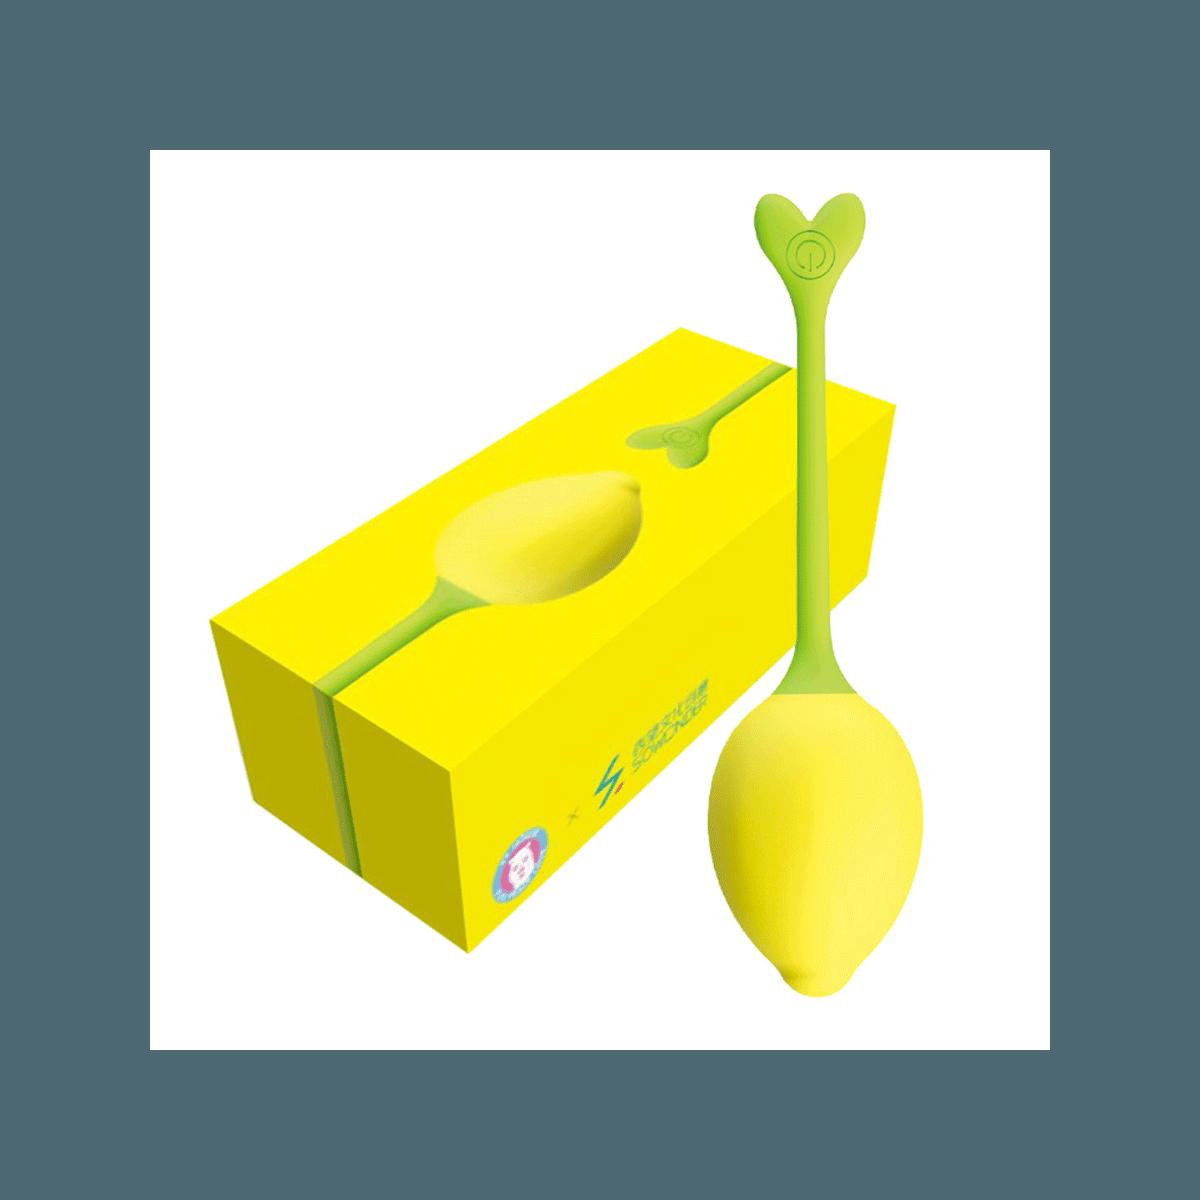 YY Horse  女性按摩棒 震动棒 振动器 凯格尔培训 手机APP 智能控制 #柠檬 怎么样 - 亚米网